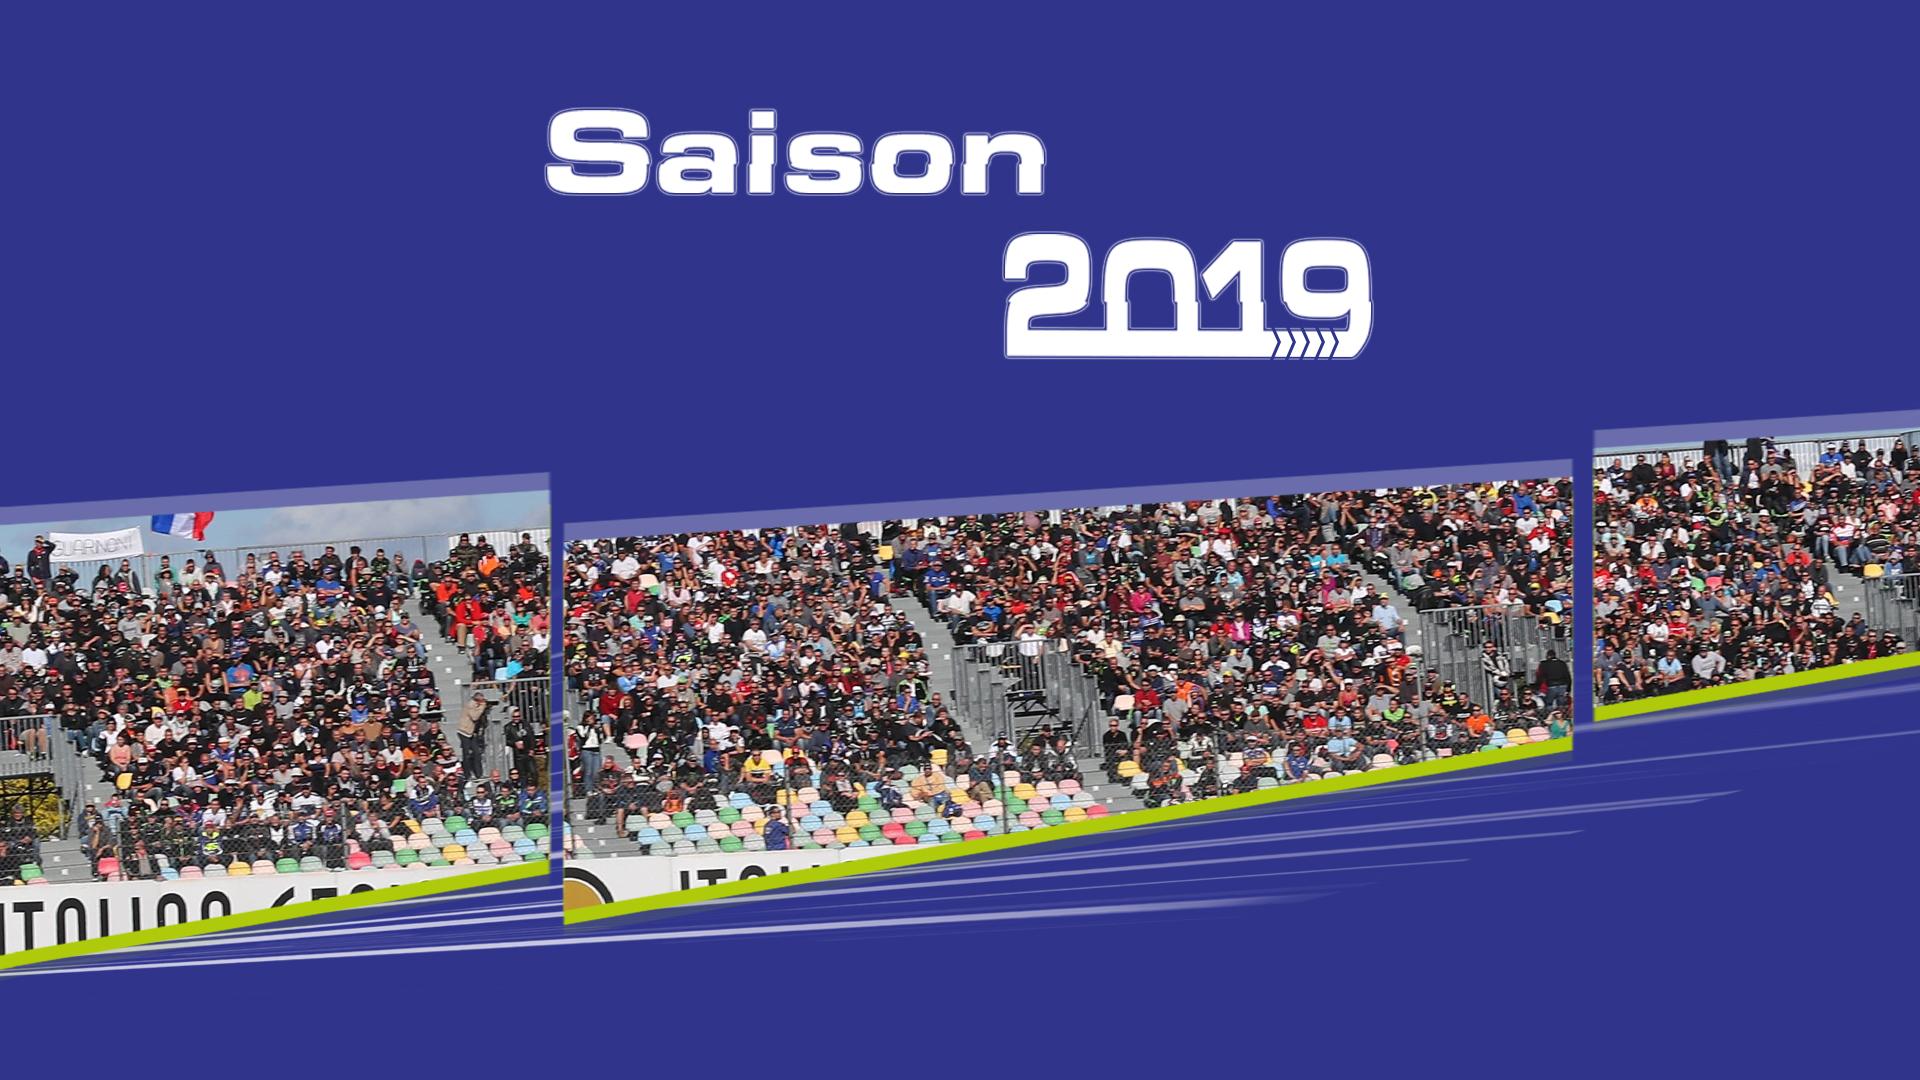 Calendrier Magny Cours 2020.La Saison 2019 Est Lancee Voici Le Calendrier Des